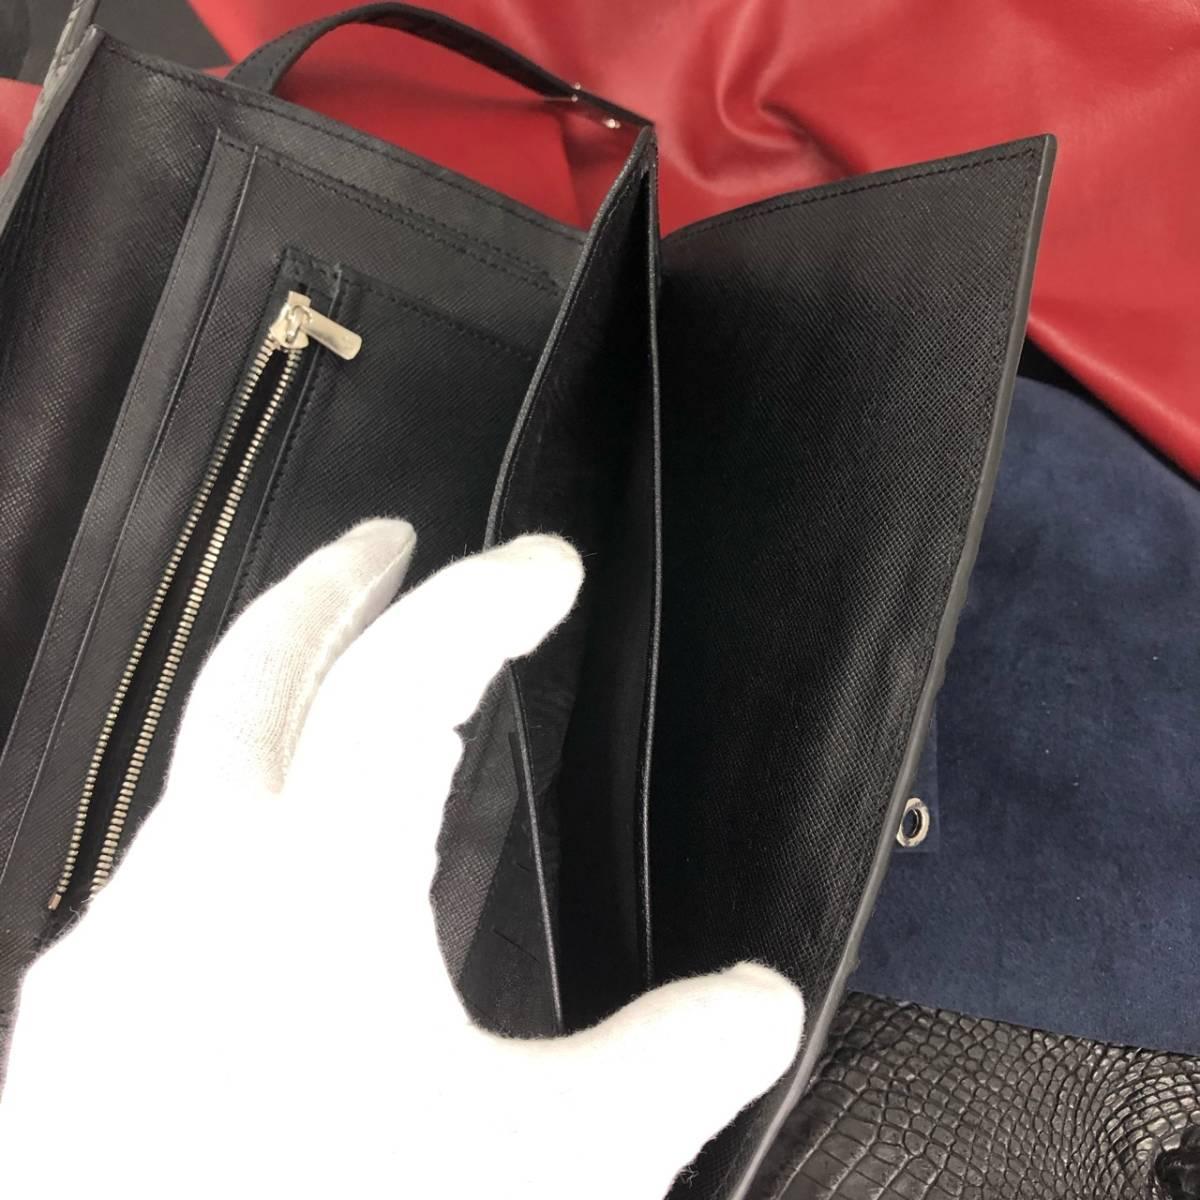 ※動画あり メンズ専用 ハンドメイド 一点物【本物クロコダイル】ワイドサイズ 幅26cm  財布 未使用に近い ブラック 他画像あり_画像9